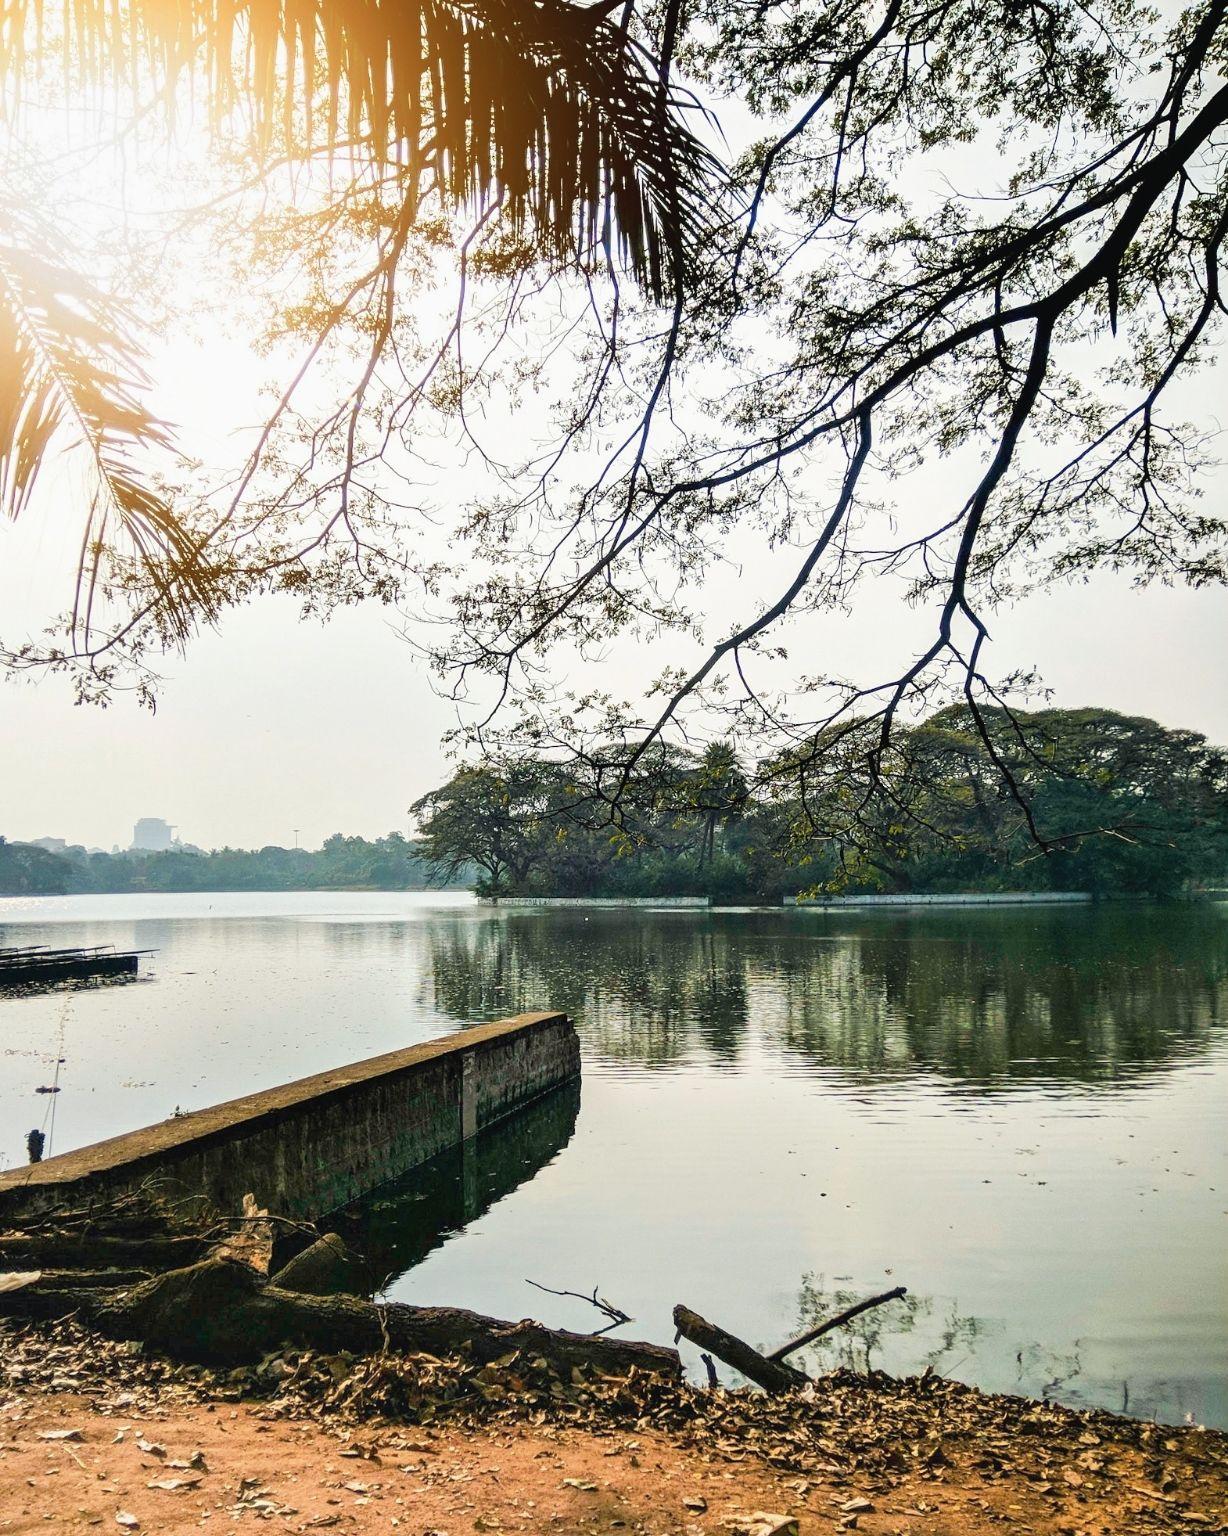 Photo of Ulsoor Lake Boating And Park By Camera Explorer